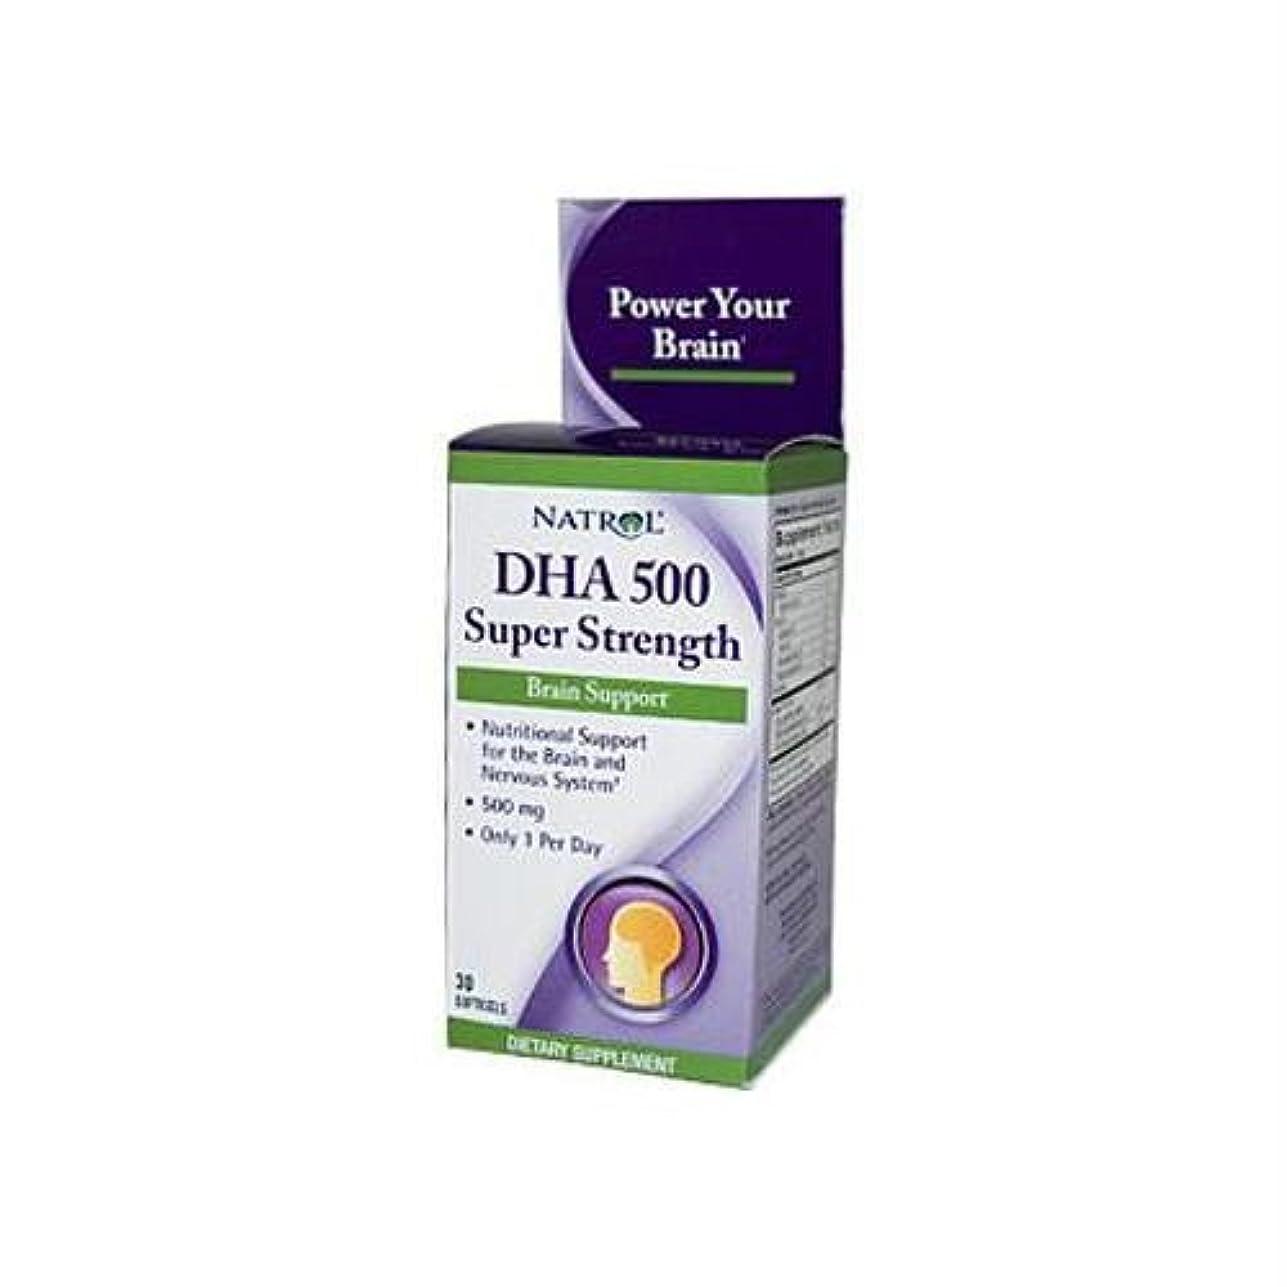 十分です階農業Natrol/ナトロール DHA 500 Super Strength - 500 mg - 30 ソフトカプセル